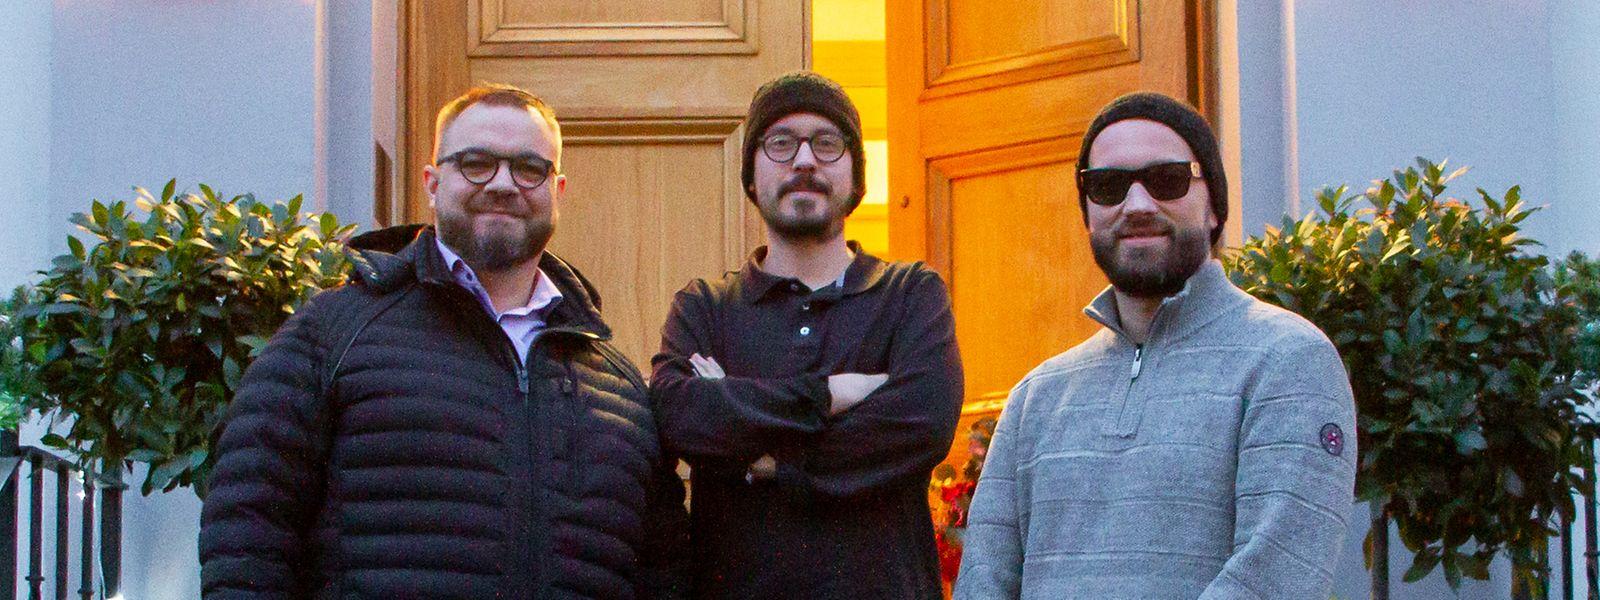 Der Luxemburger Patrick Mordiconi hat seine Aufträge in den Abbey Road Studios den beiden gebürtigen Saarländern Dustin Dooley und Matthias J. Stalter (v.l.n.r.) zu verdanken, die in der britischen Hauptstadt arbeiten.